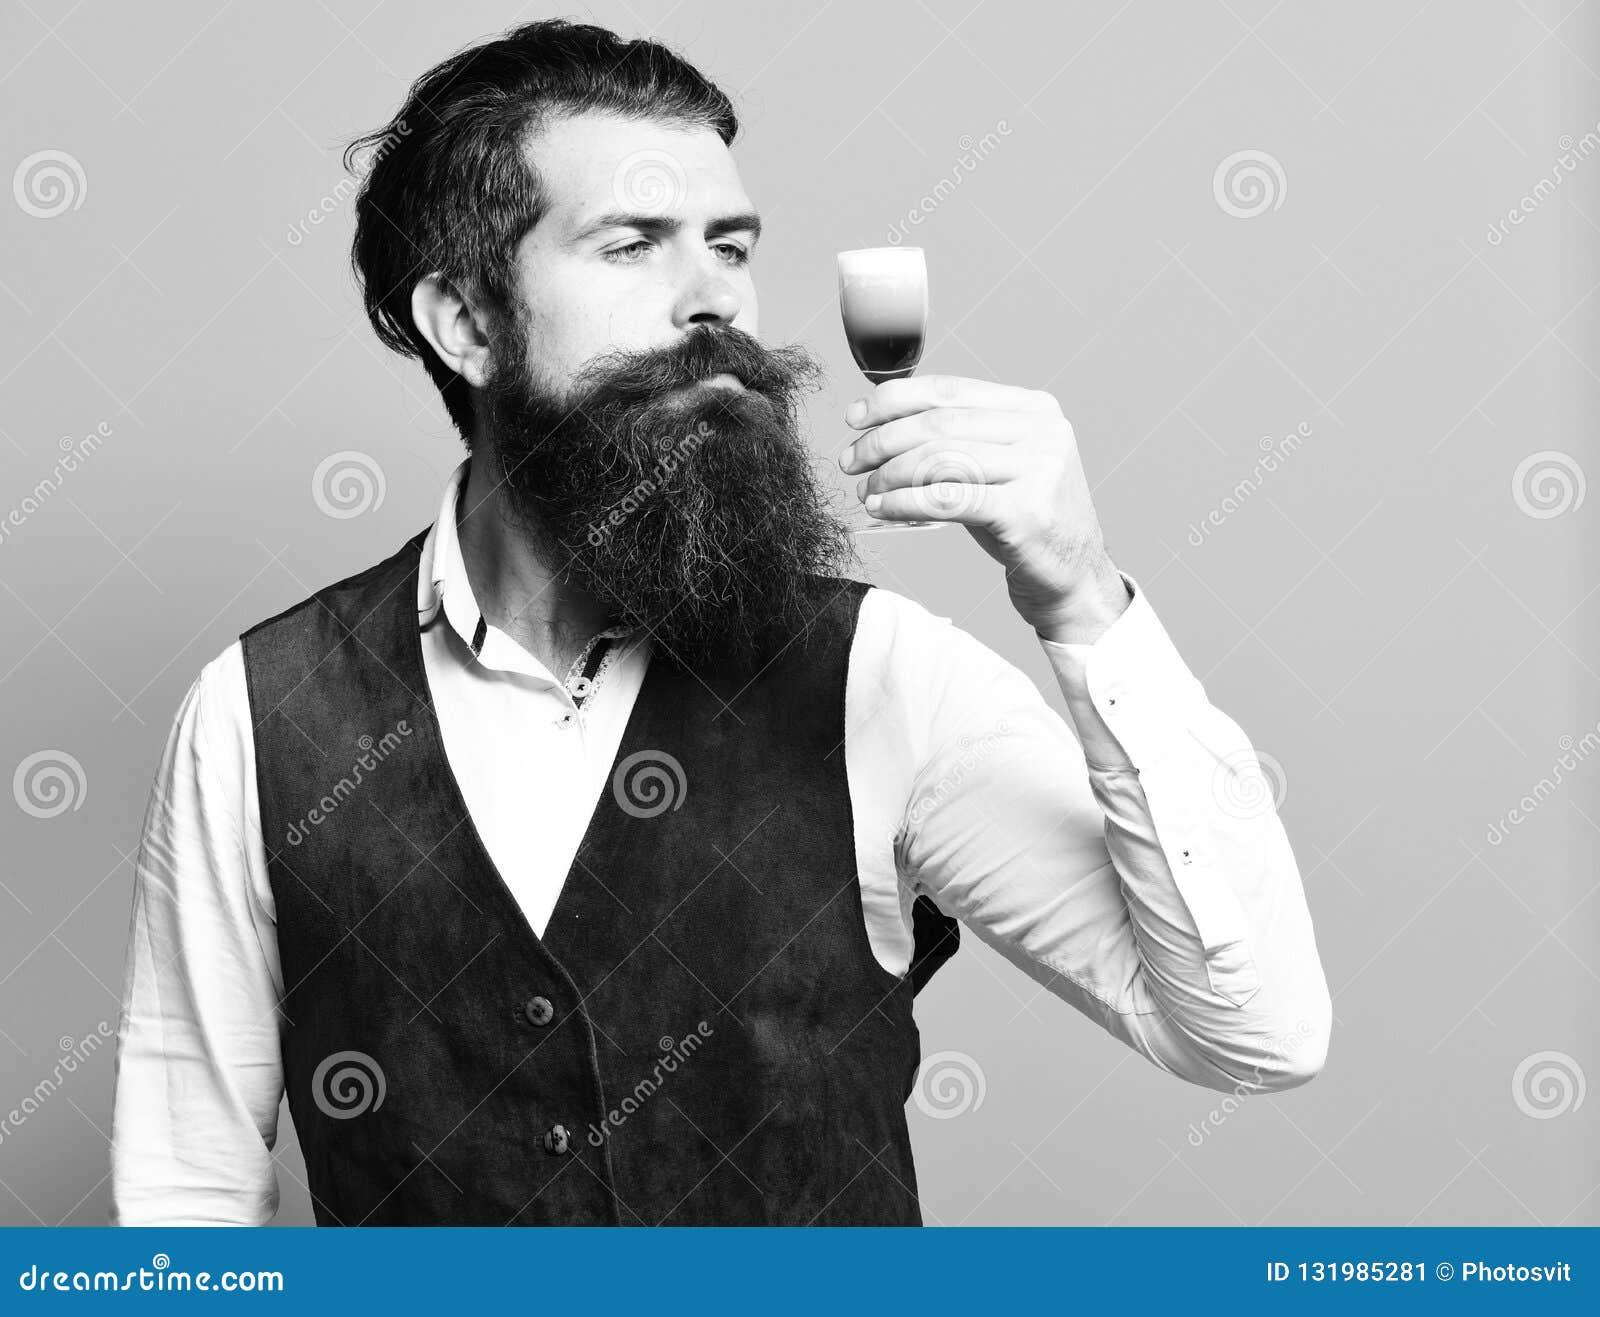 Przystojny brodaty mężczyzna z długą brodą i wąsy na poważnej twarzy smacznym szkle alkoholiczka strzelaliśmy w rocznika zamszowy